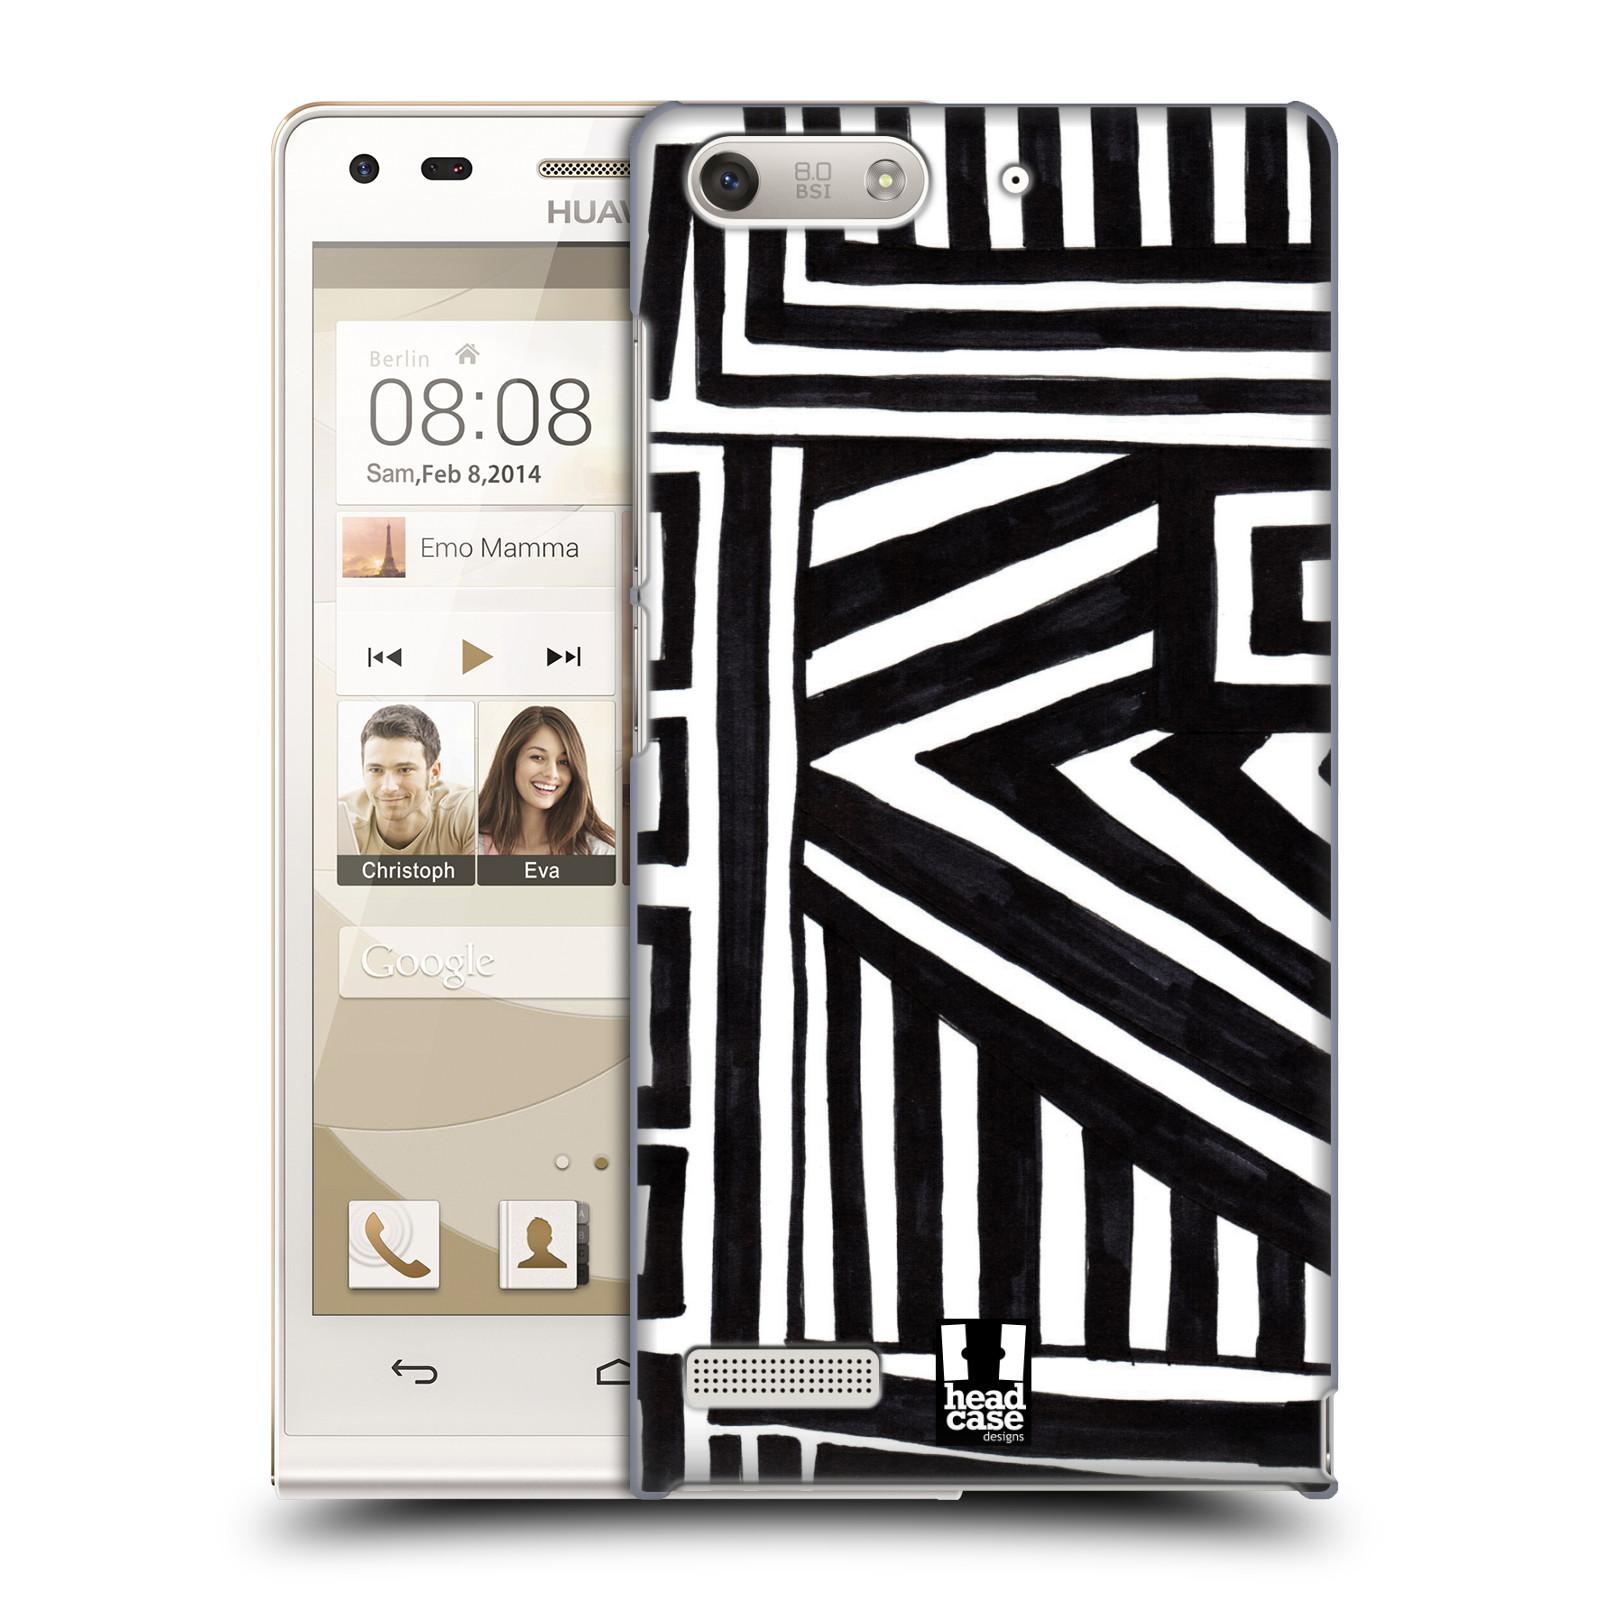 Plastové pouzdro na mobil Huawei Ascend G6 HEAD CASE DOODLE GEOMETRIC (Kryt či obal na mobilní telefon Huawei Ascend G6 bez LTE)